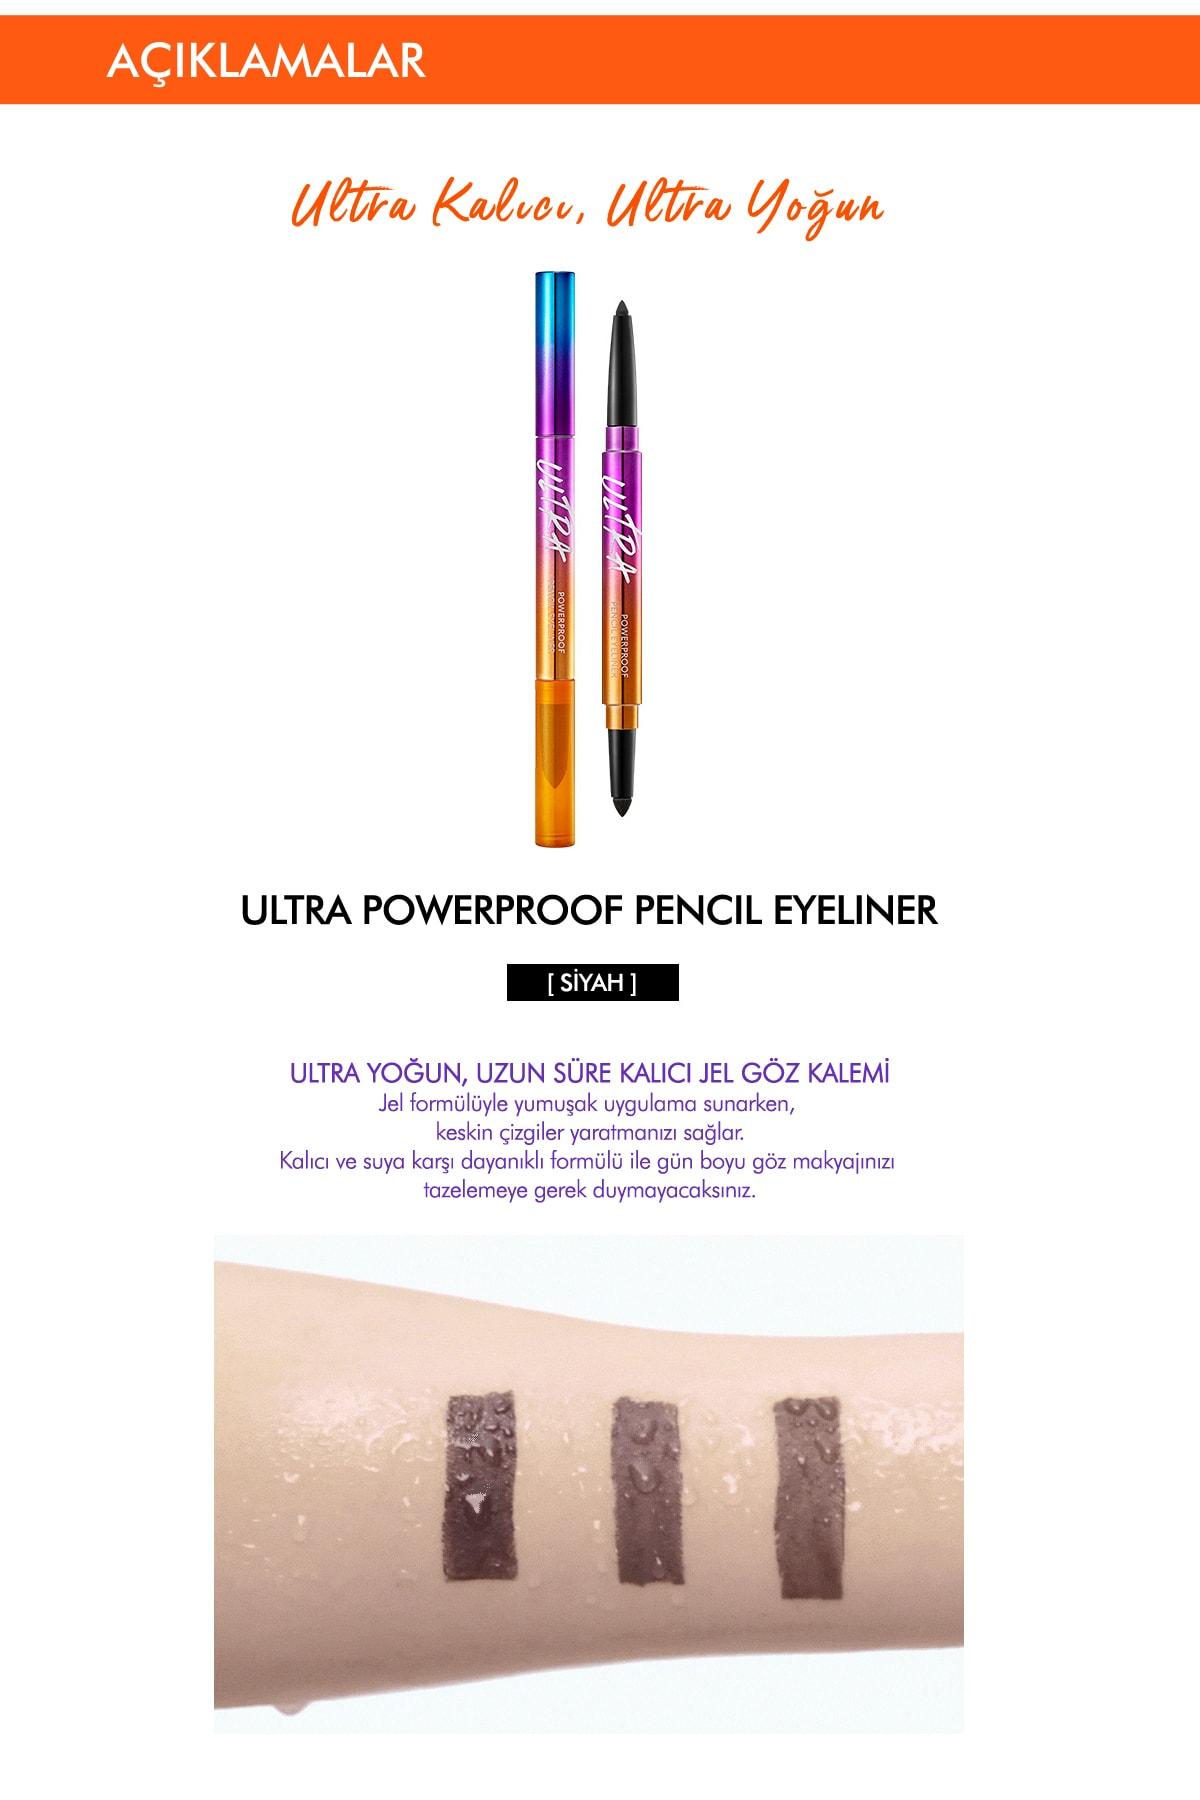 Missha Kalıcı Suya Dayanıklı Jel Göz Kalemi - Ultra Powerproof Pencil Eyeliner Black 8809643506175 1